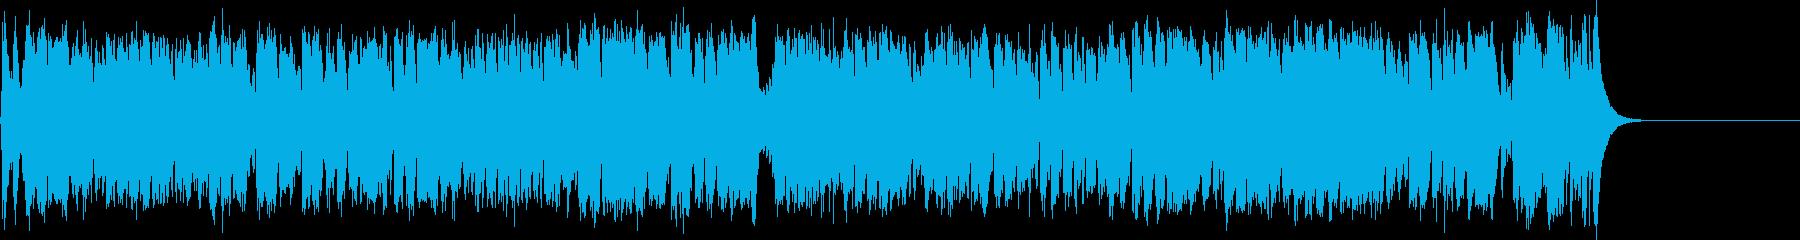 ピアノでクイックジングル。の再生済みの波形